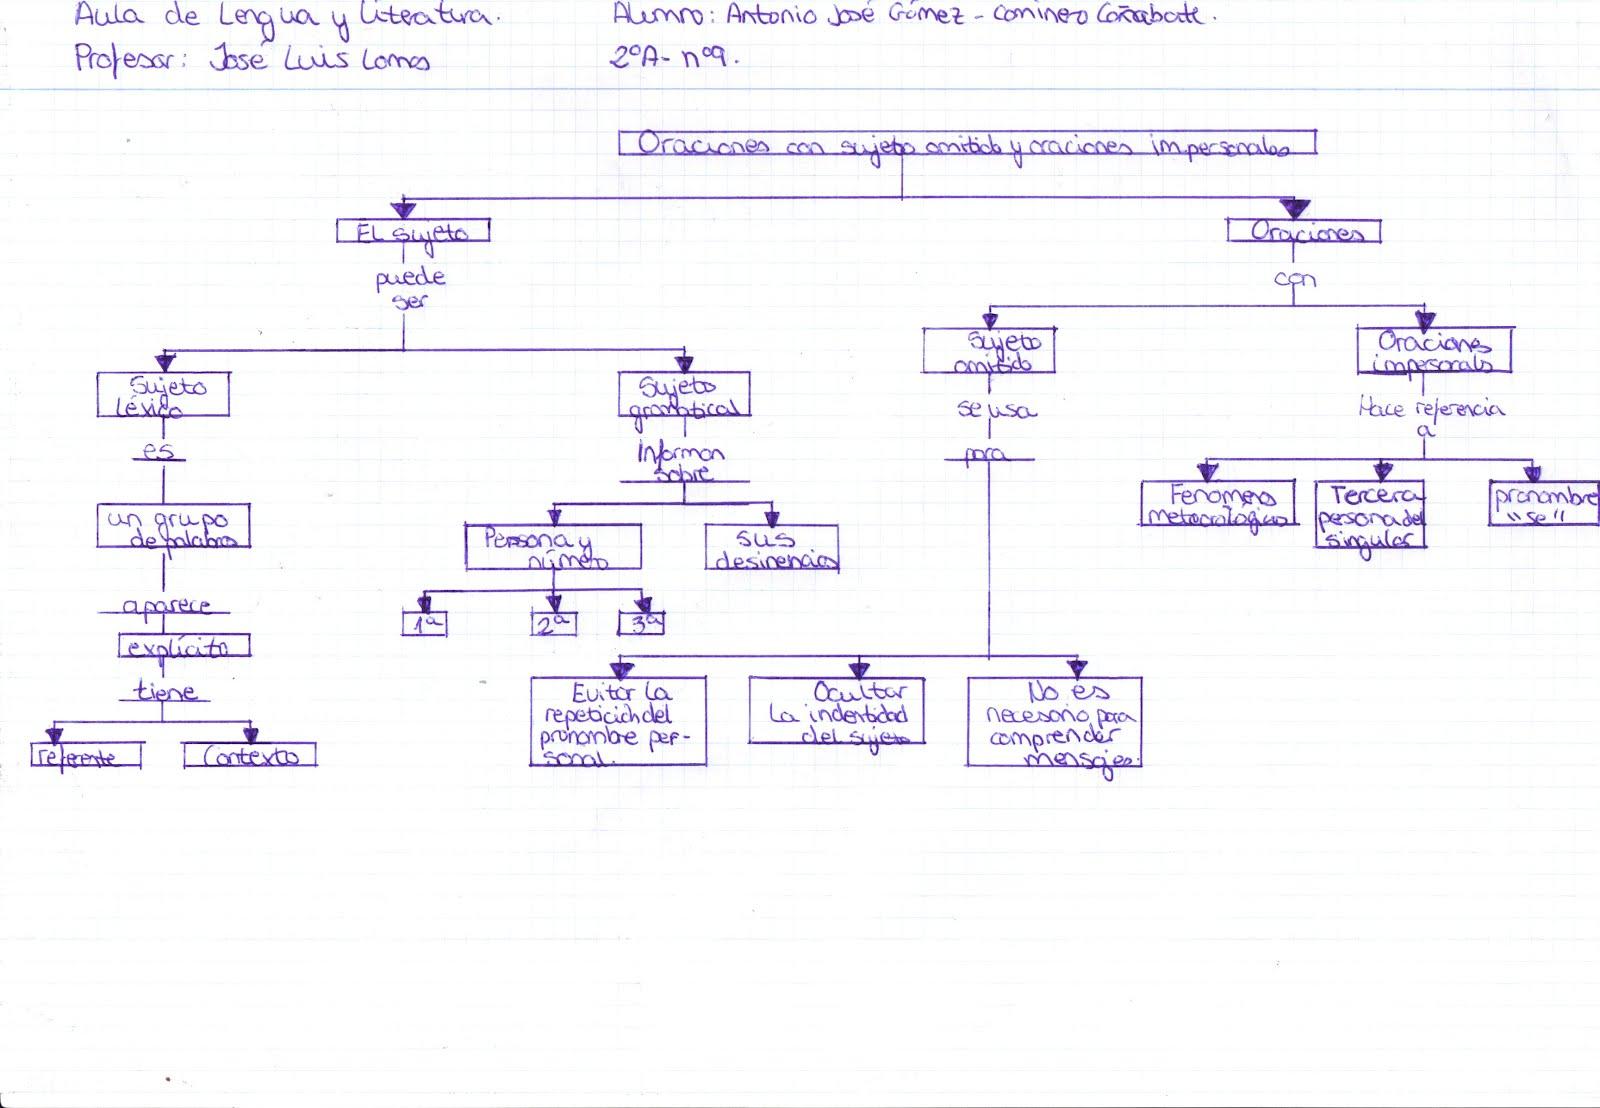 Mapa de conceptos de la oración simple